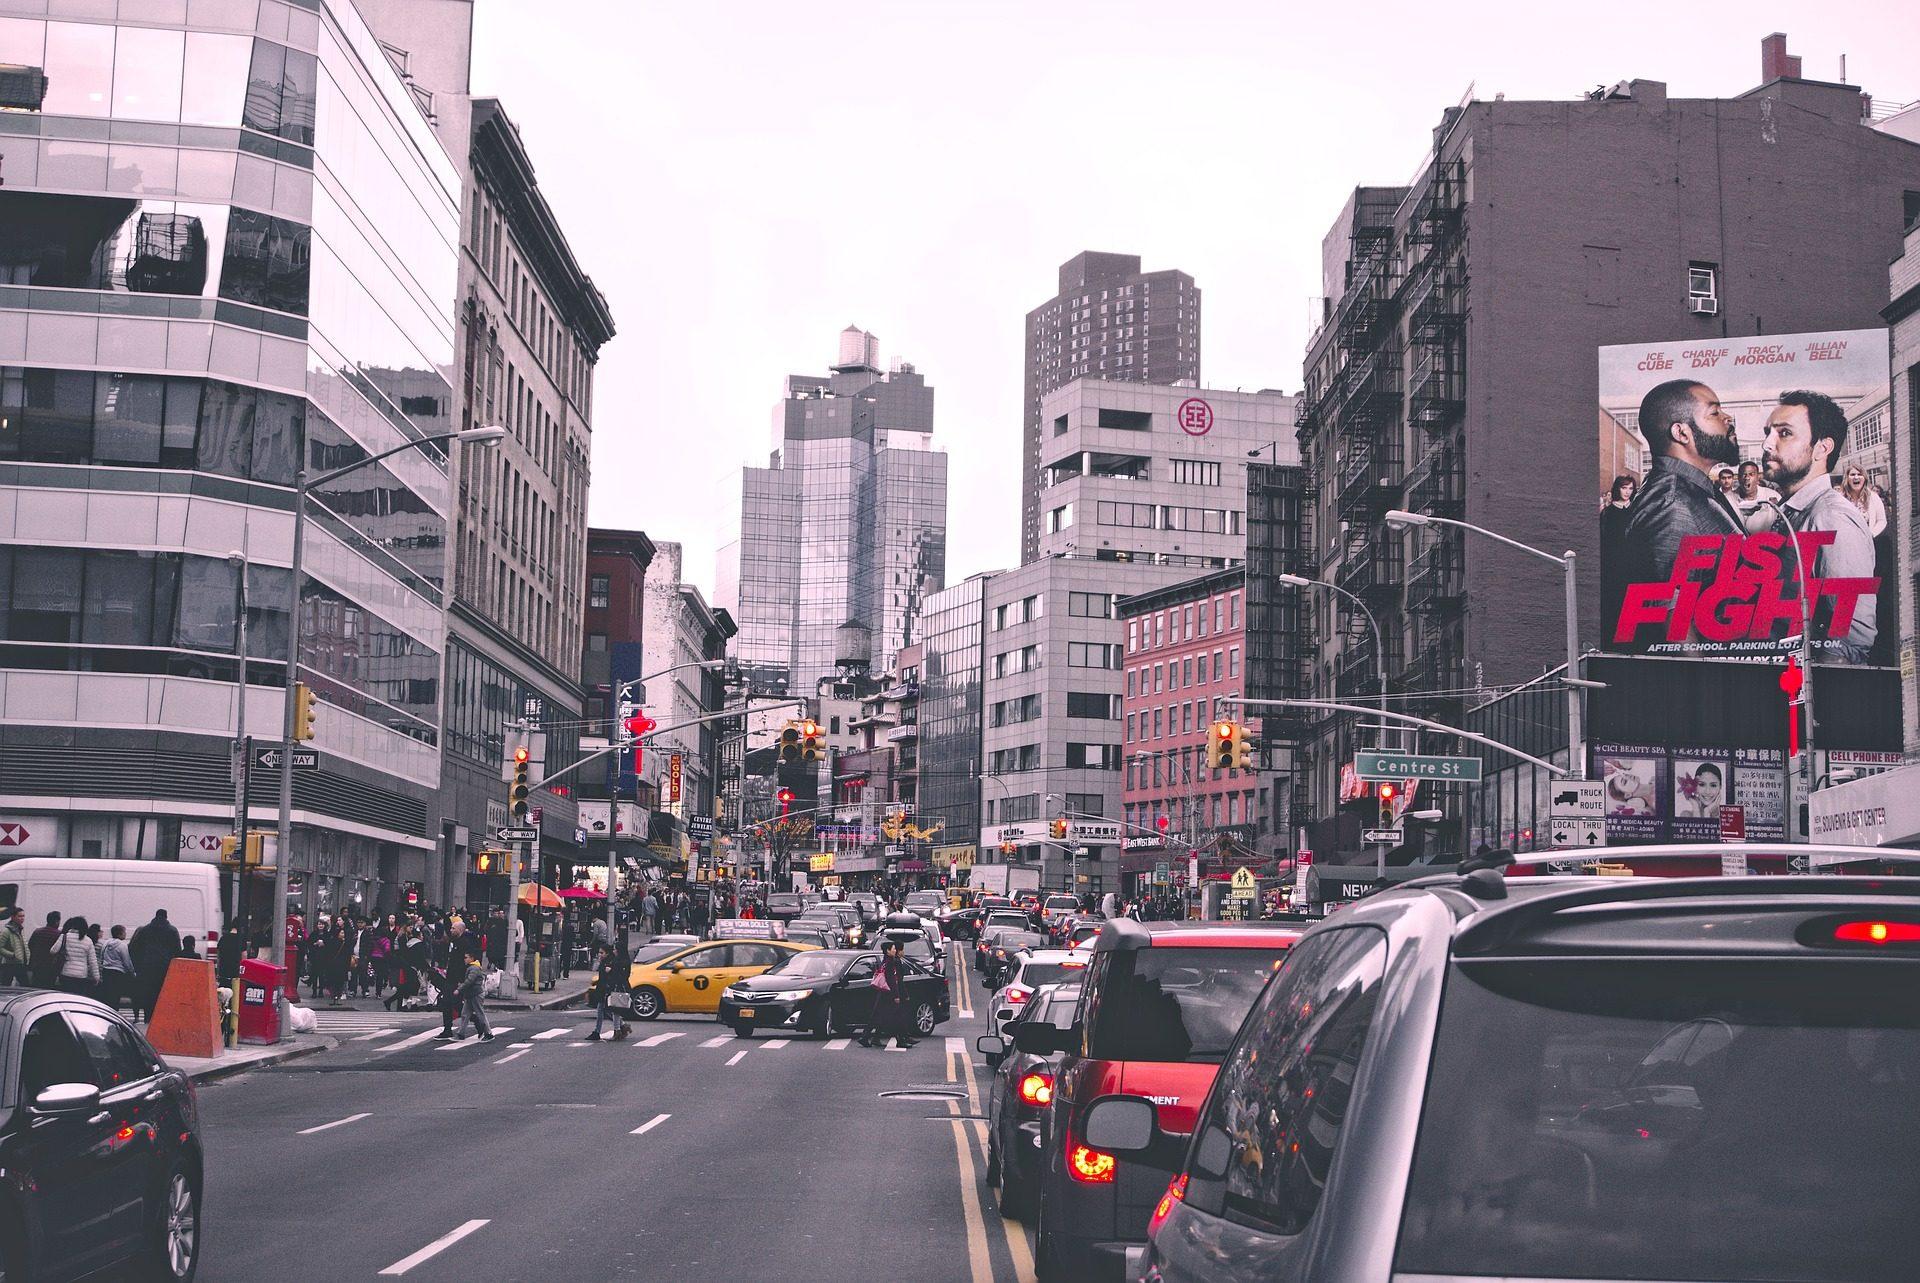 Город, здания, трафик, люди, Агломерация, хастла - Обои HD - Профессор falken.com